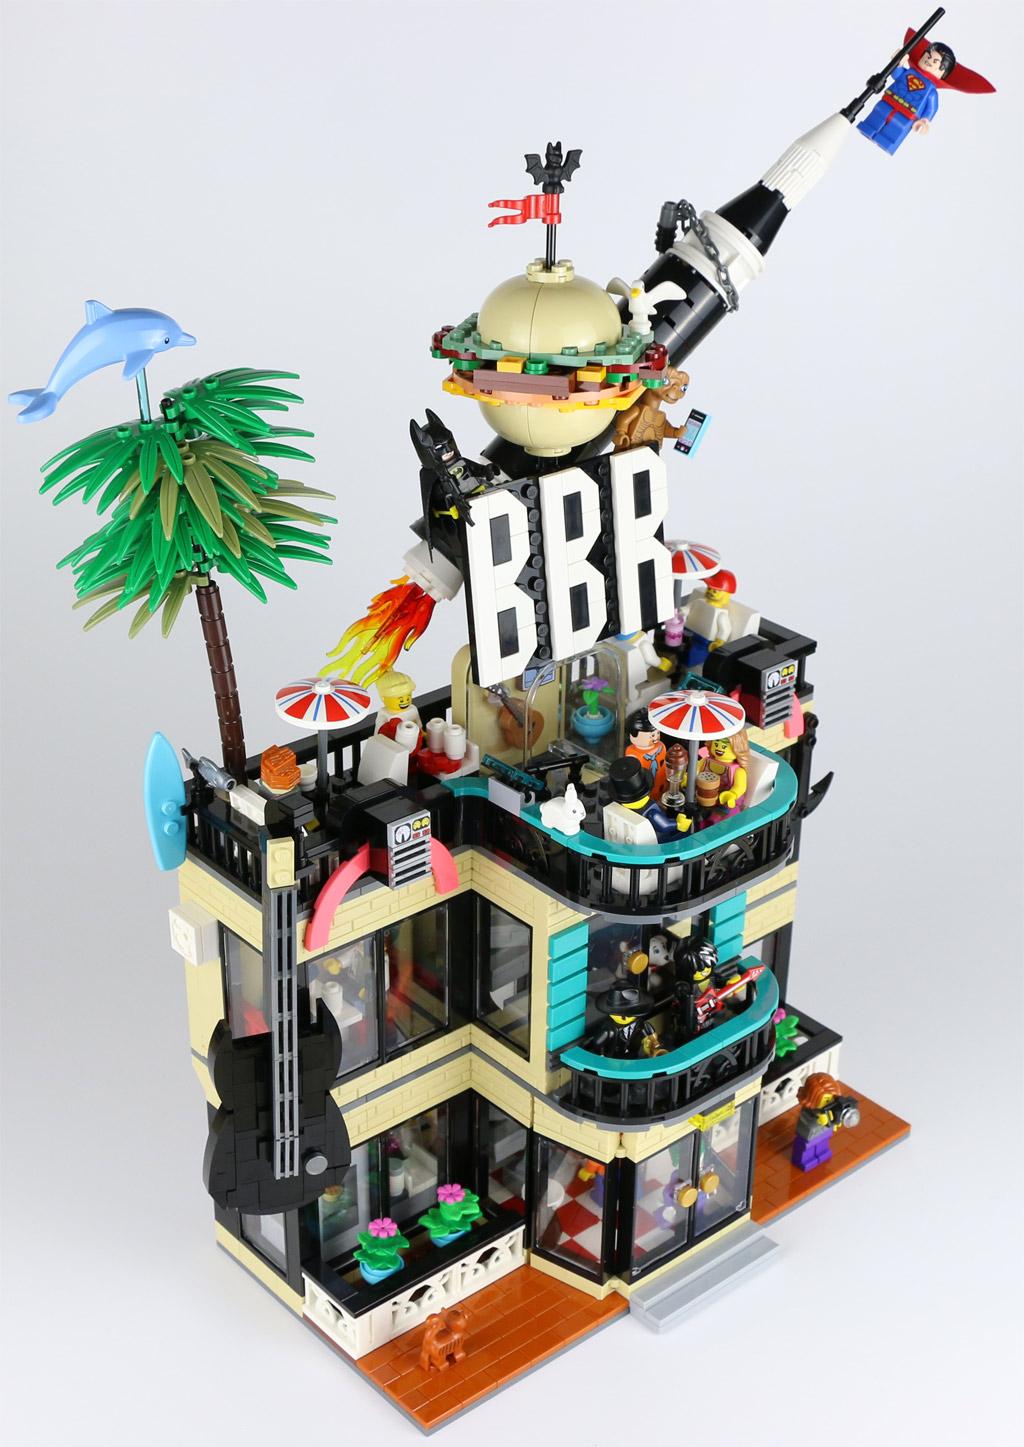 lego-moc-best-burger-restaurant-new-ukonio-city-4-2019-zusammengebaut-andres-lehmann zusammengebaut.com